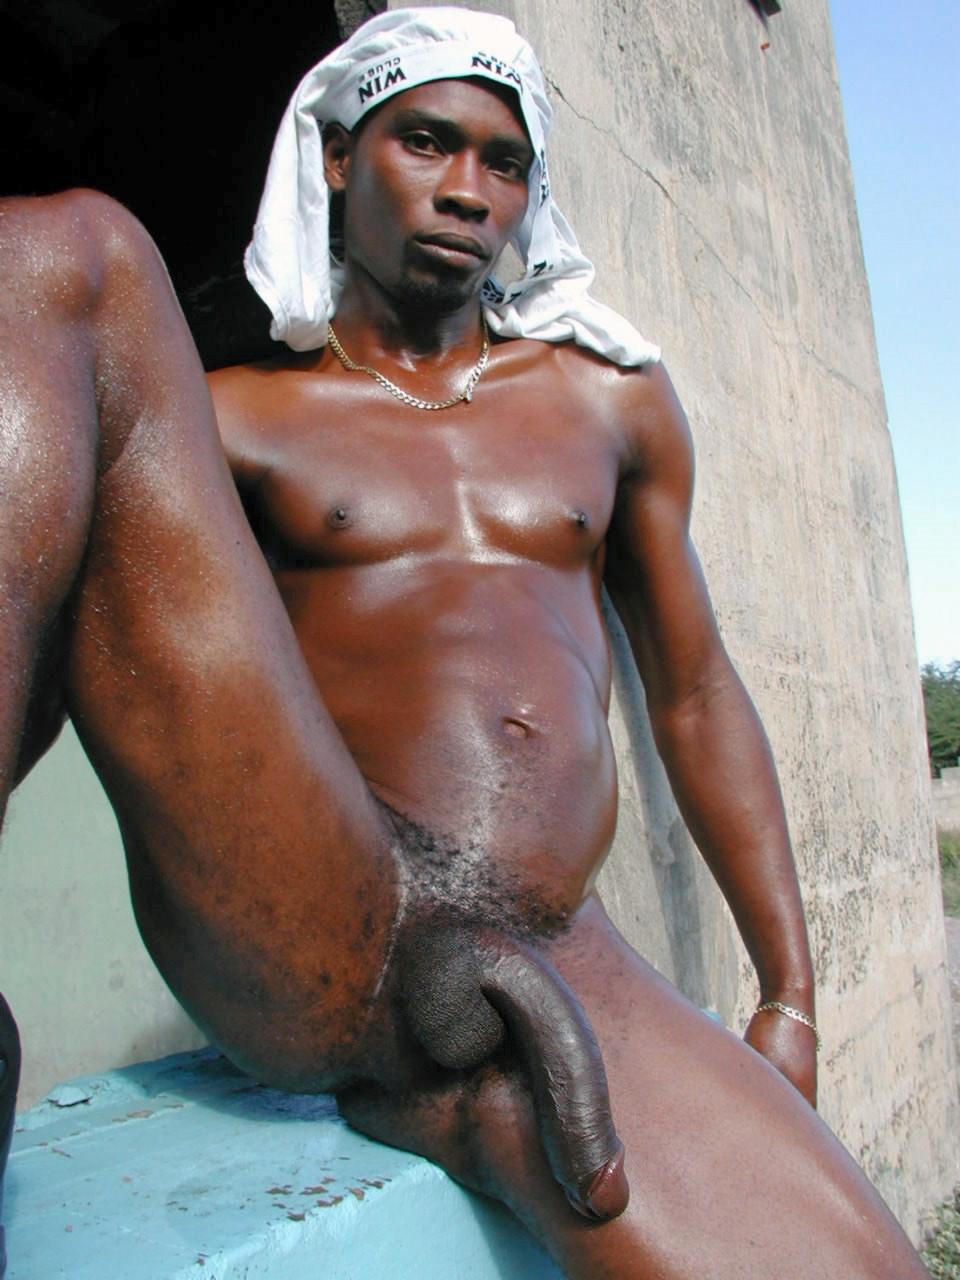 Pinto Grande De Negros Sarados Quero Uma E Voc